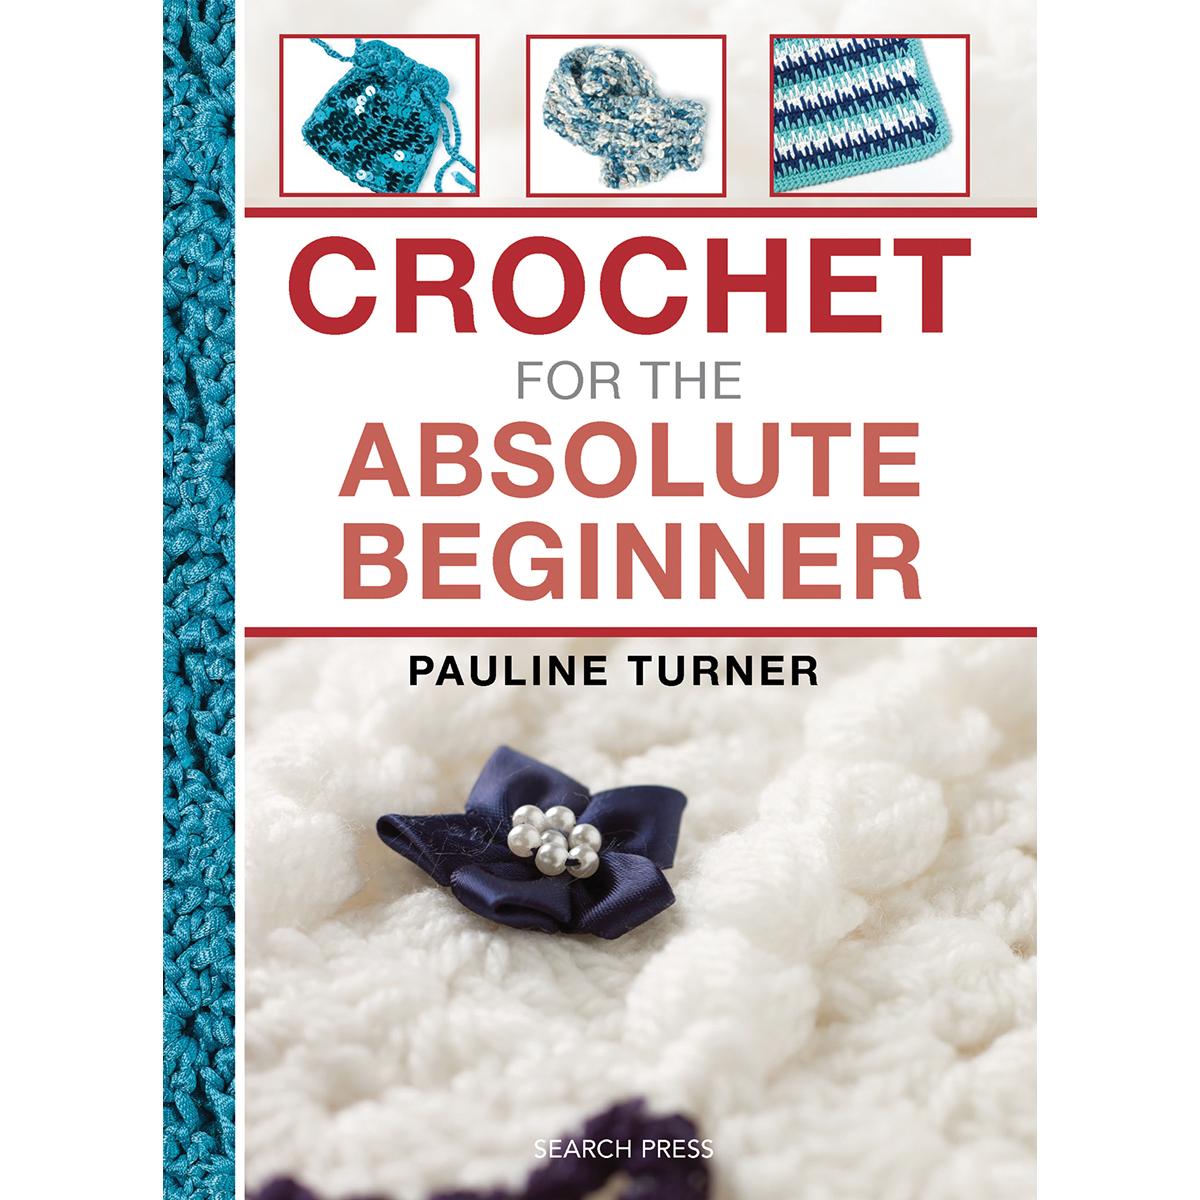 Book:  Crochet for the Absolute Beginner Pauline Turner